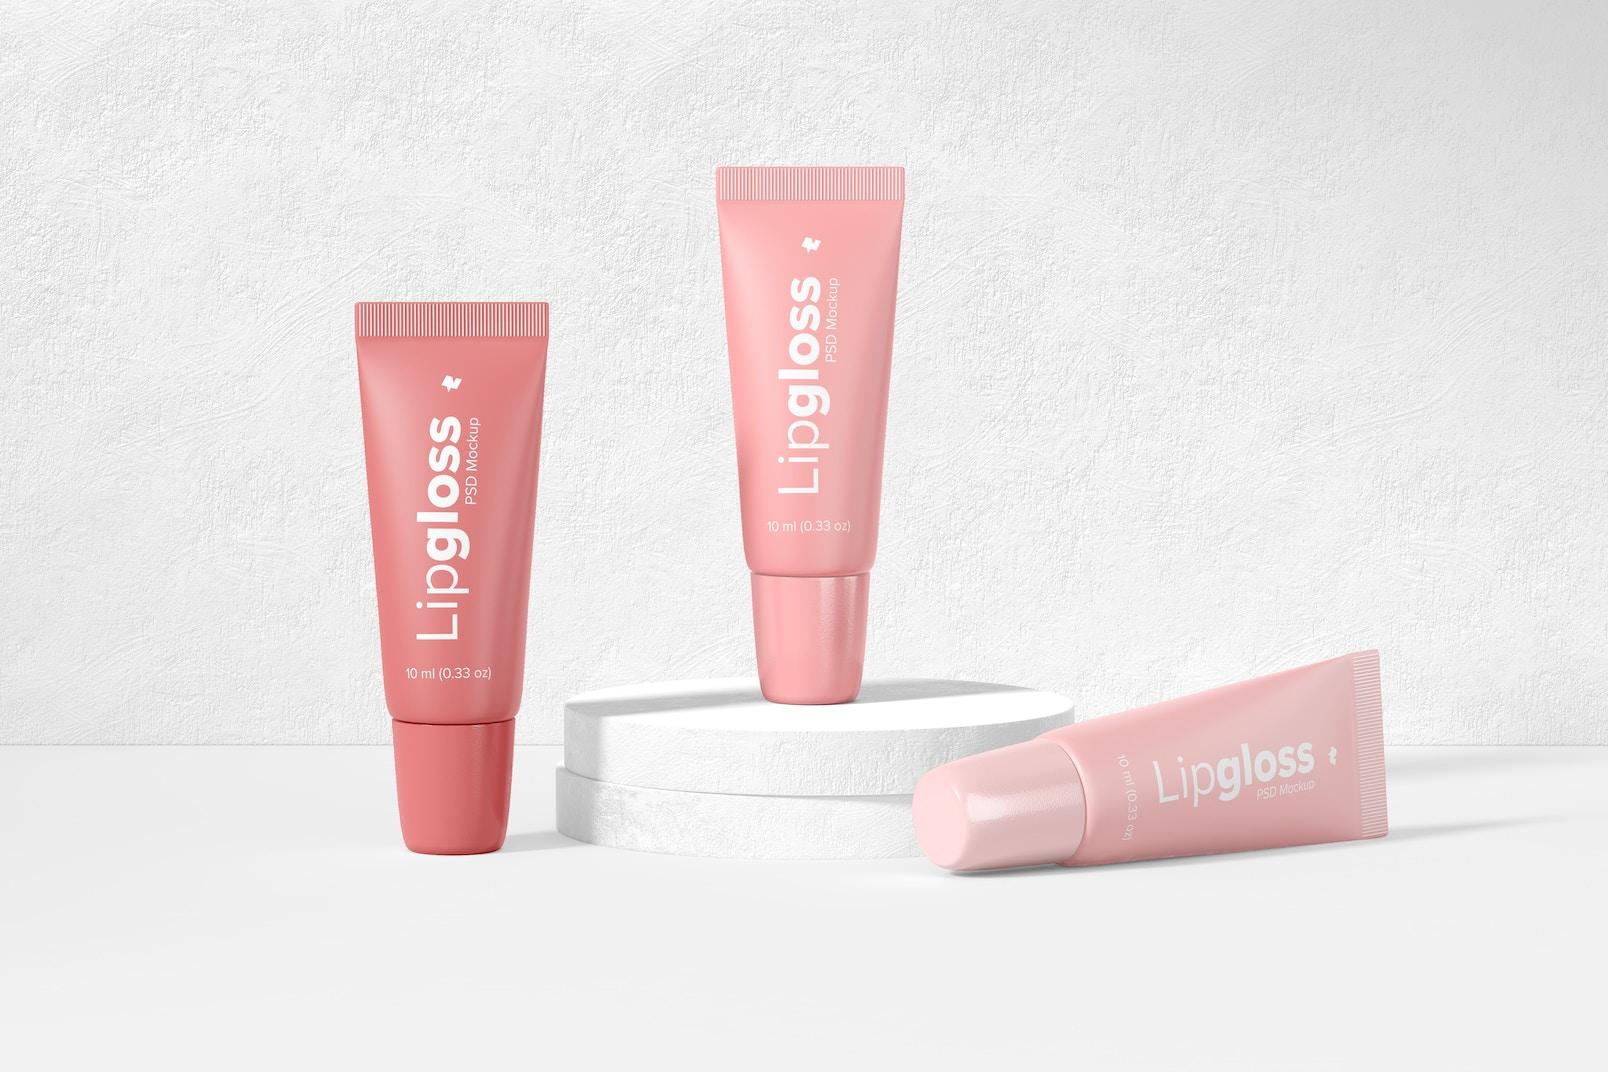 Lipgloss Tubes Mockup, Front View